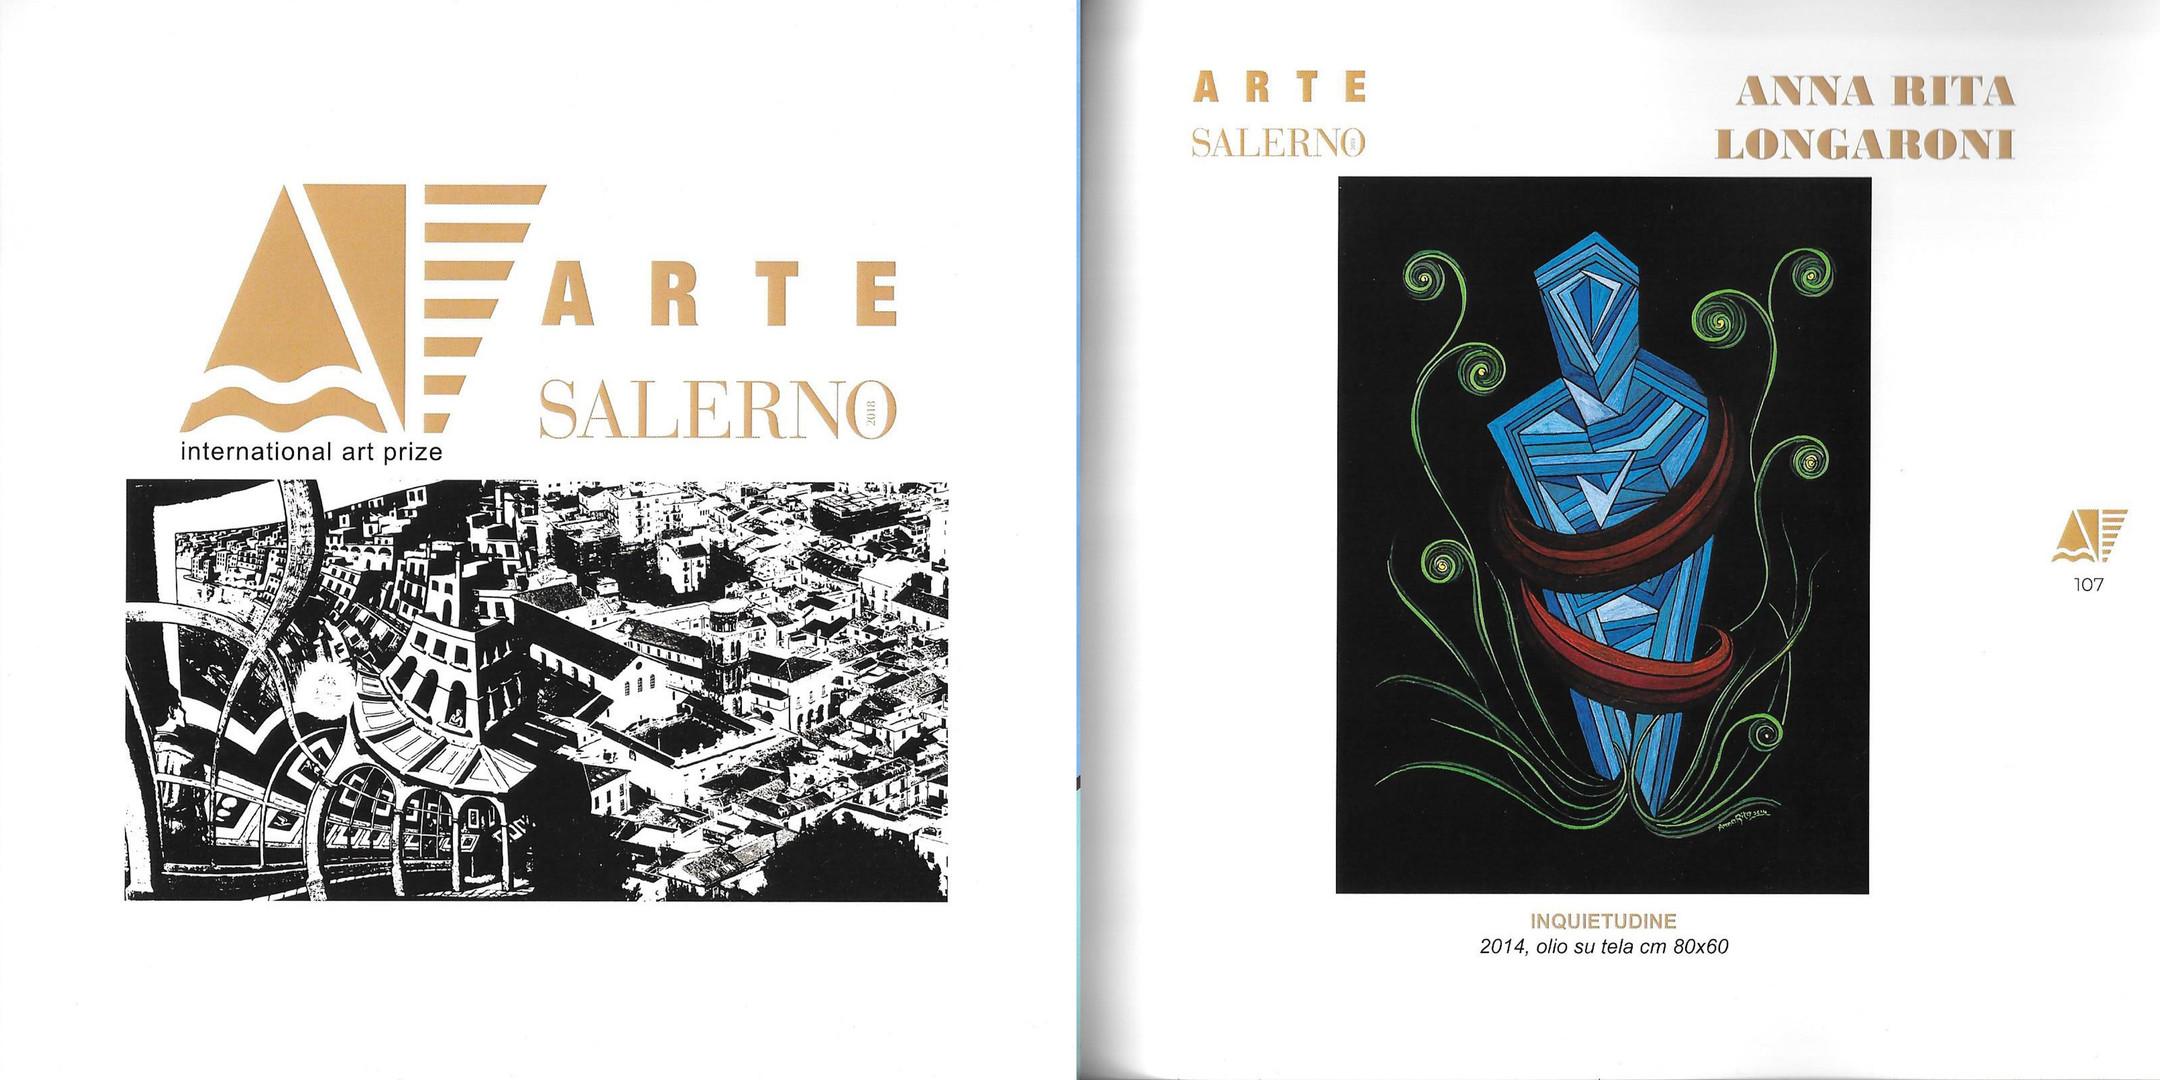 ARTE-SALERNO.jpg